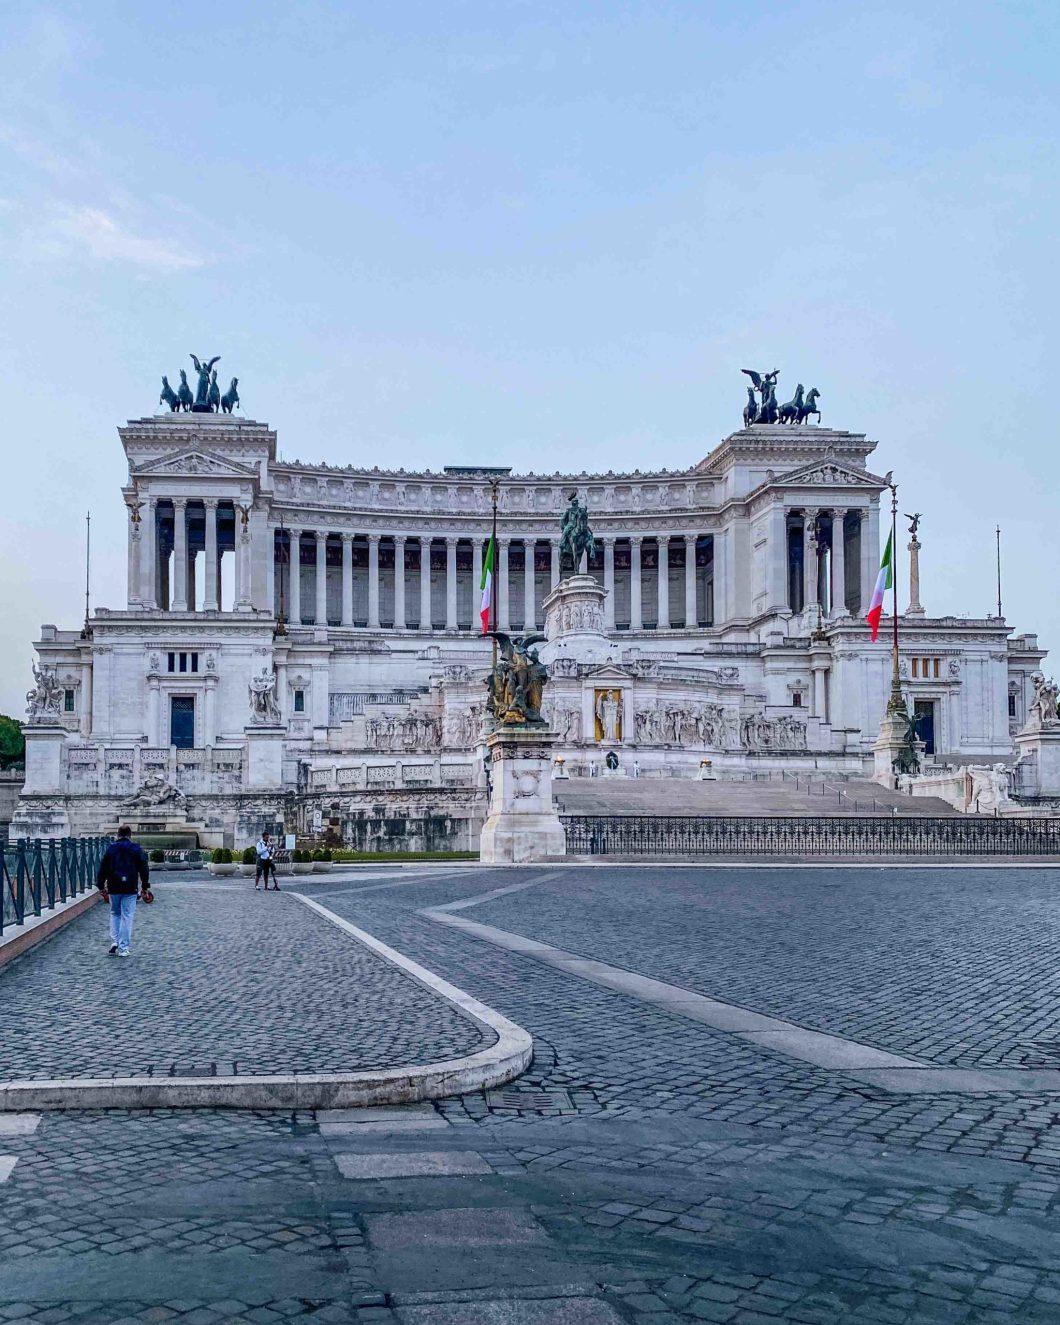 Monument Victor Emmanuel II, aka Altare della Patria or the Vittoriano monument in Rome